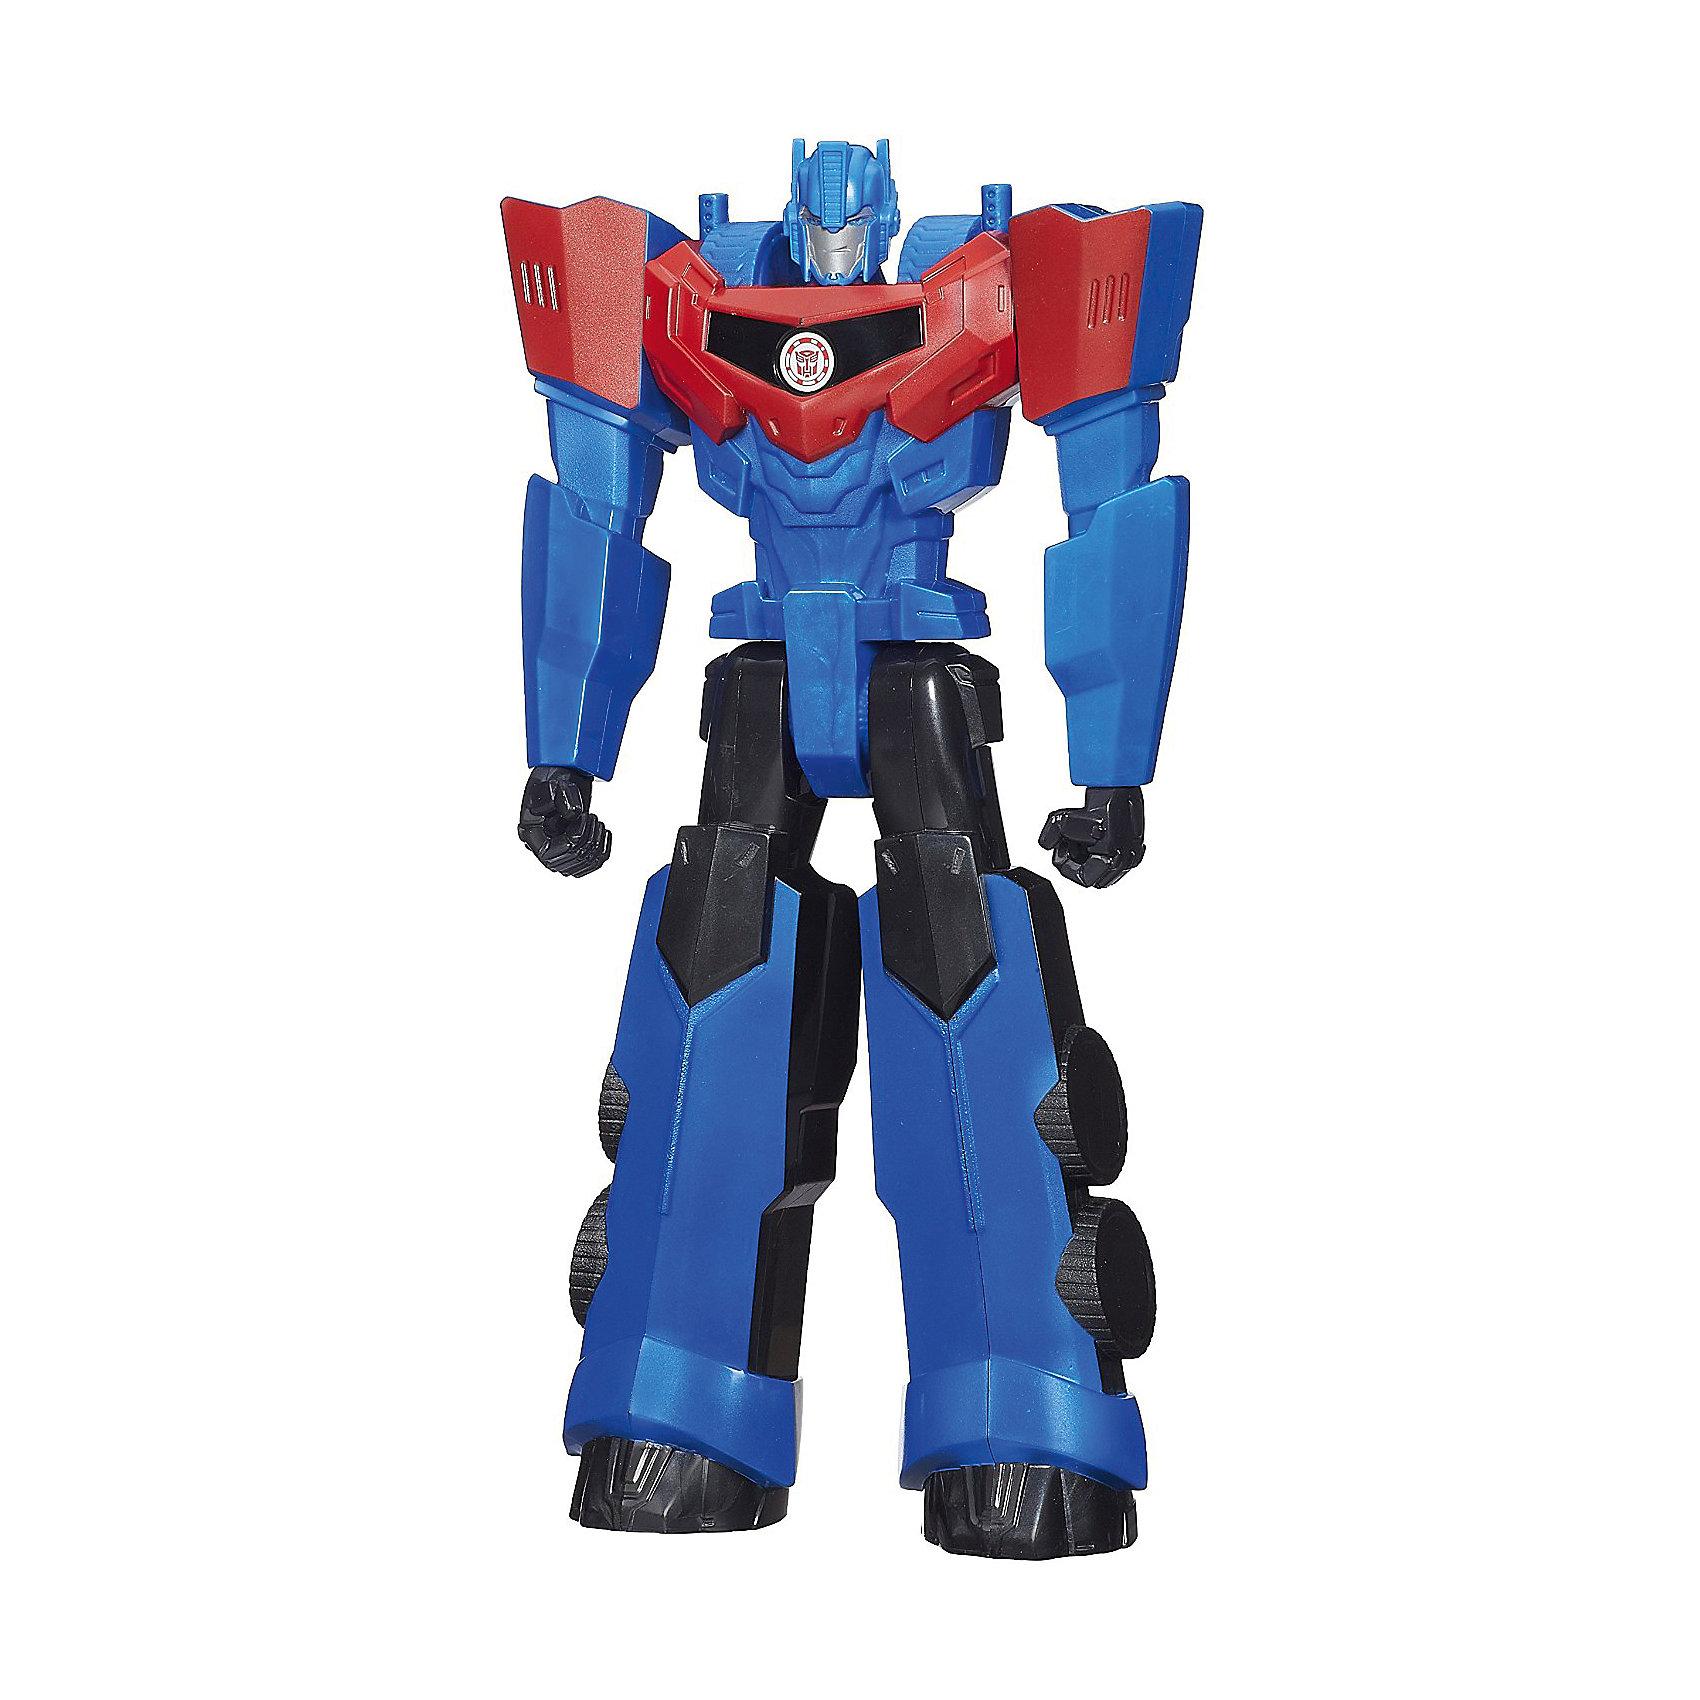 Титан: Роботы под прикрытием, 30 см, Трансформеры, B0760/B1295Титаны: Роботы под прикрытием, 30 см, Трансформеры, B0760/B1295.<br><br>Характеристики:<br><br>- В наборе: 1 трансформер<br>- Высота фигурки: 30 см.<br>- Материал: высококачественный пластик<br>- Размер упаковки: 17,5х5х30,5 см.<br><br>Робот-трансформер Оптимус Прайм от Hasbro (Хасбро) выполнен по мотивам популярного мультфильма «Роботы под прикрытием». Это очень качественная, тщательно детализированная коллекционная фигурка, которая и с точностью копирует персонажа мультфильма. У робота подвижны руки и ноги. Оптимус Прайм не трансформируется в машинку, его главная особенность заключается в том, что на груди робота расположен QR-код. Отсканировав код, вы получите множество дополнительных функций и вариантов игры в бесплатном приложении Hasbro Robots in Disguise для смартфонов и планшетов. Игрушка выполнена из высококачественного пластика и покрыта красками на водной основе. С такой замечательной фигуркой ваш ребенок будет увлеченно играть, придумывая новые истории, совершая невероятные миссии, попадая в захватывающие приключения!<br><br>Фигурку Титан: Роботы под прикрытием, 30 см, Трансформеры, B0760/B1295 можно купить в нашем интернет-магазине.<br><br>Ширина мм: 49<br>Глубина мм: 172<br>Высота мм: 800<br>Вес г: 424<br>Возраст от месяцев: 48<br>Возраст до месяцев: 144<br>Пол: Мужской<br>Возраст: Детский<br>SKU: 5064671